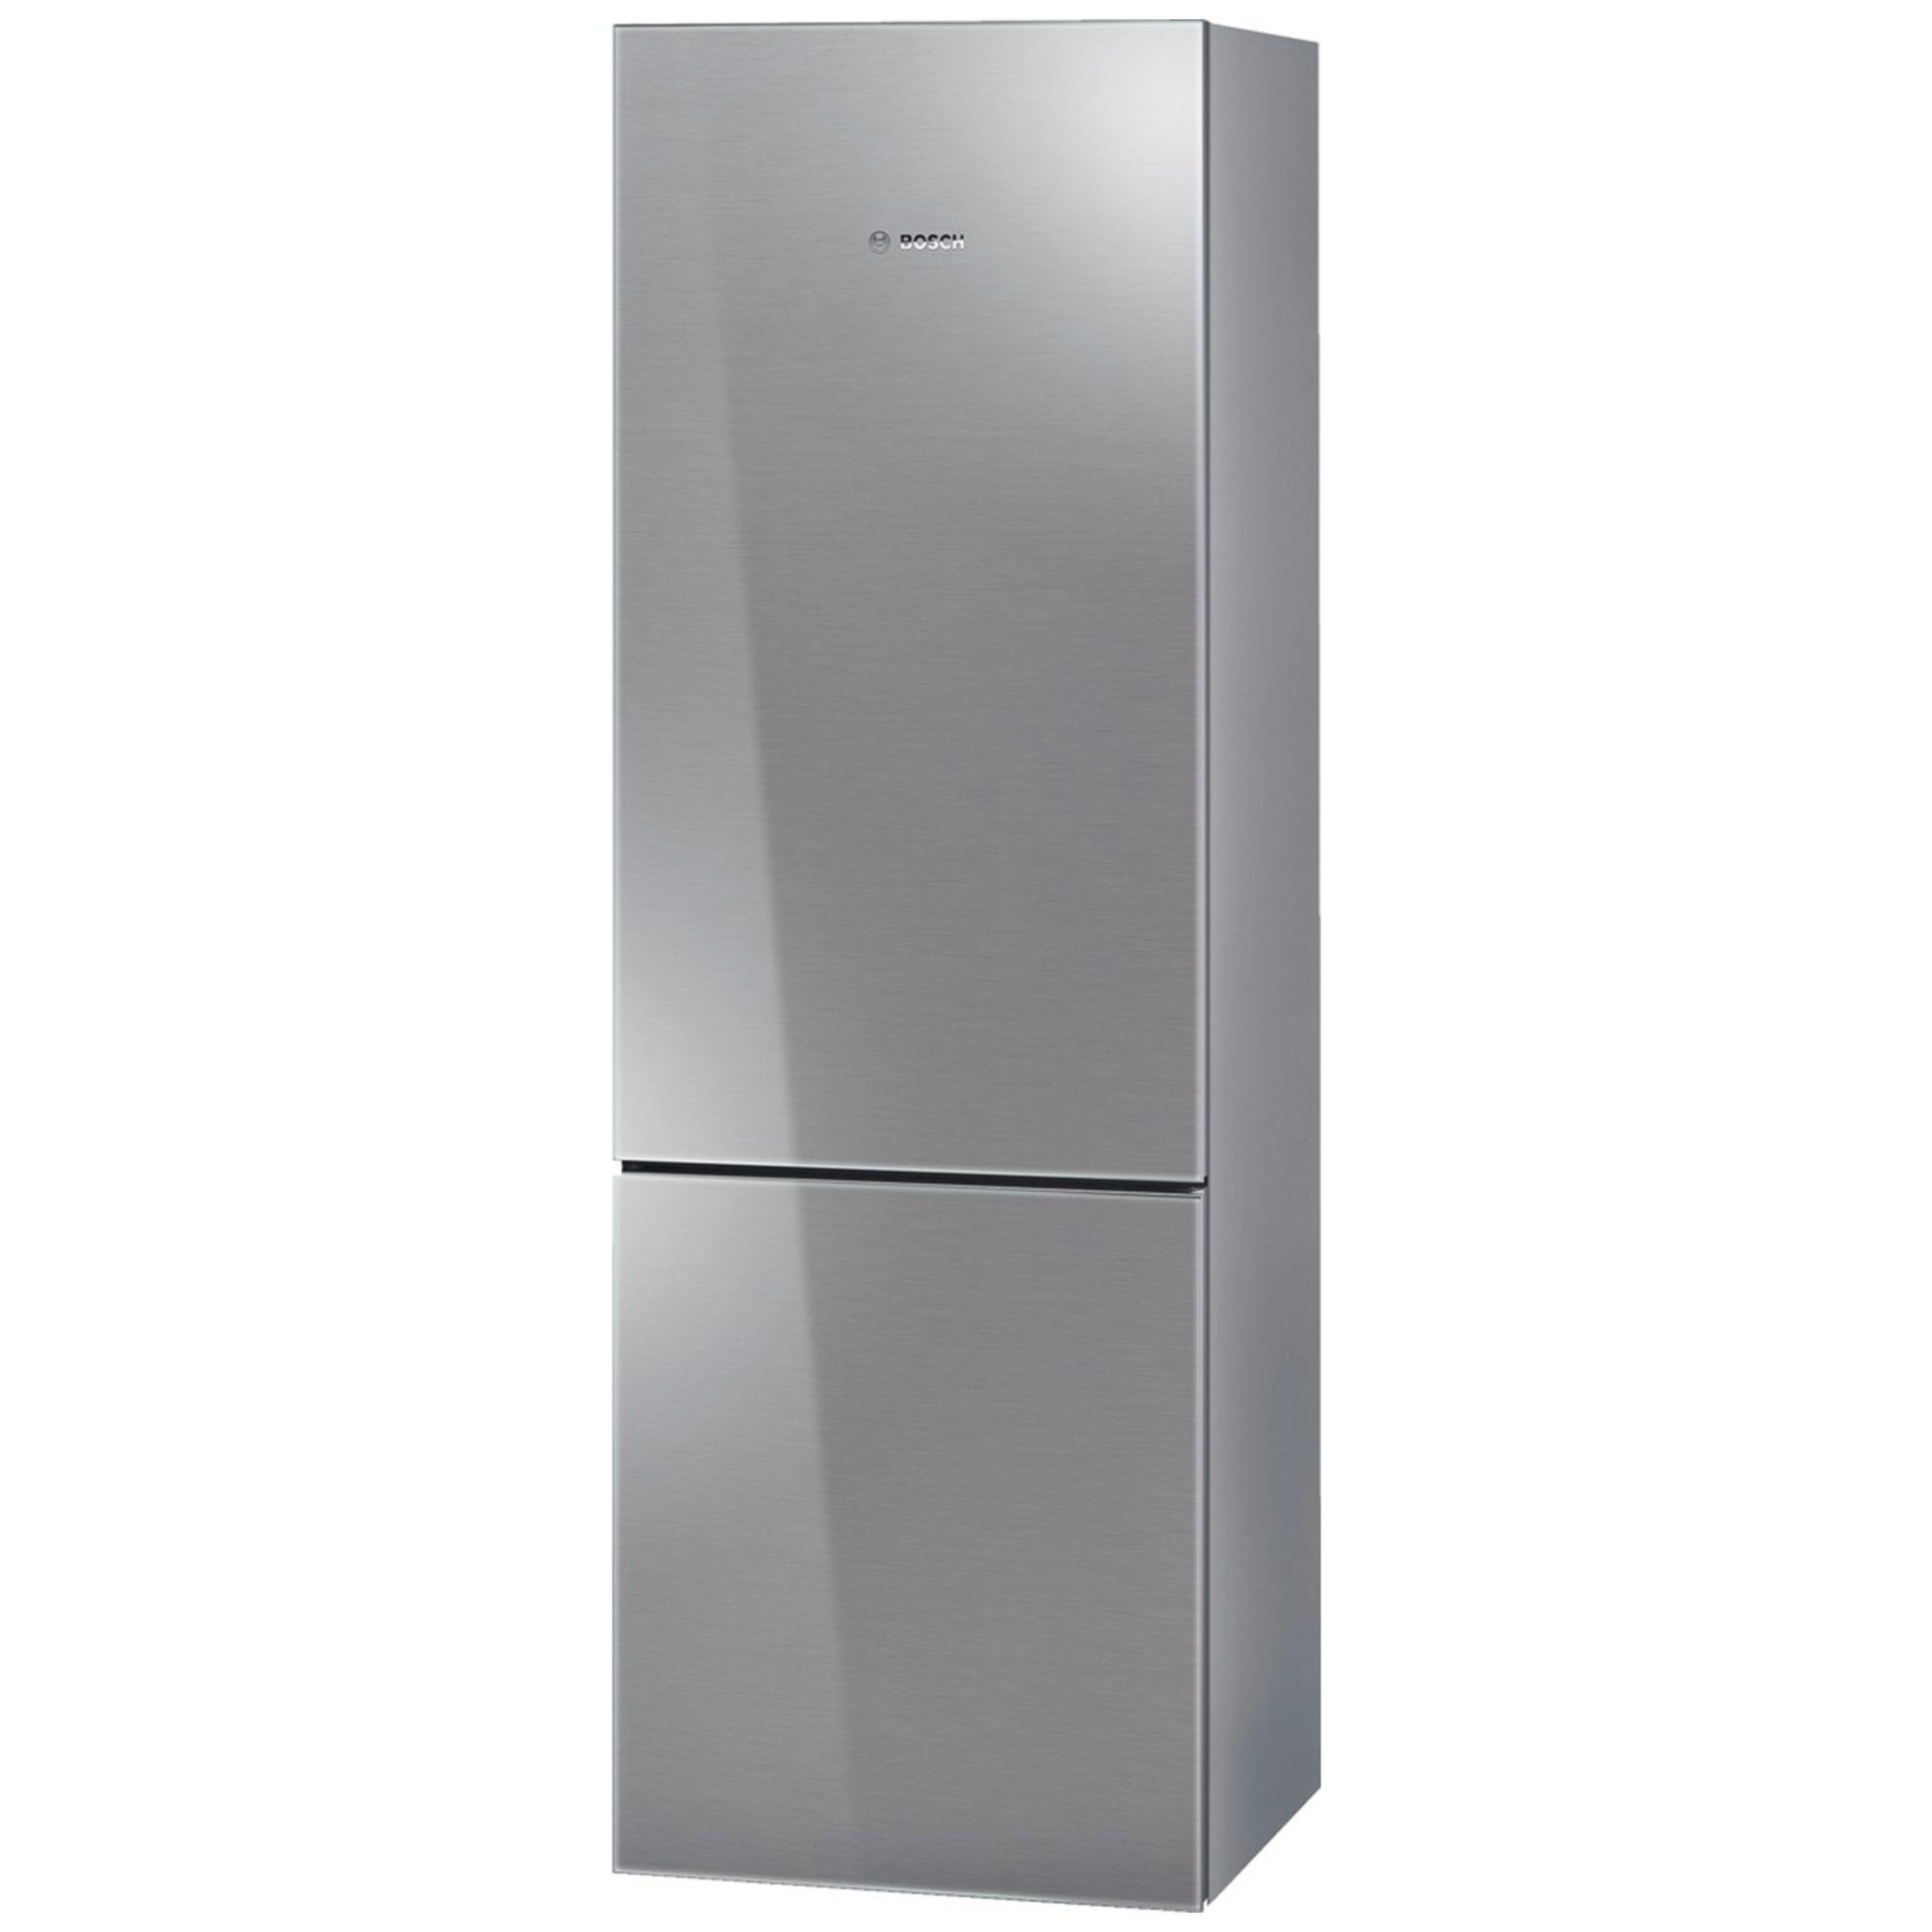 Single Door French Door Bottom Freezer Refrigerators Sears